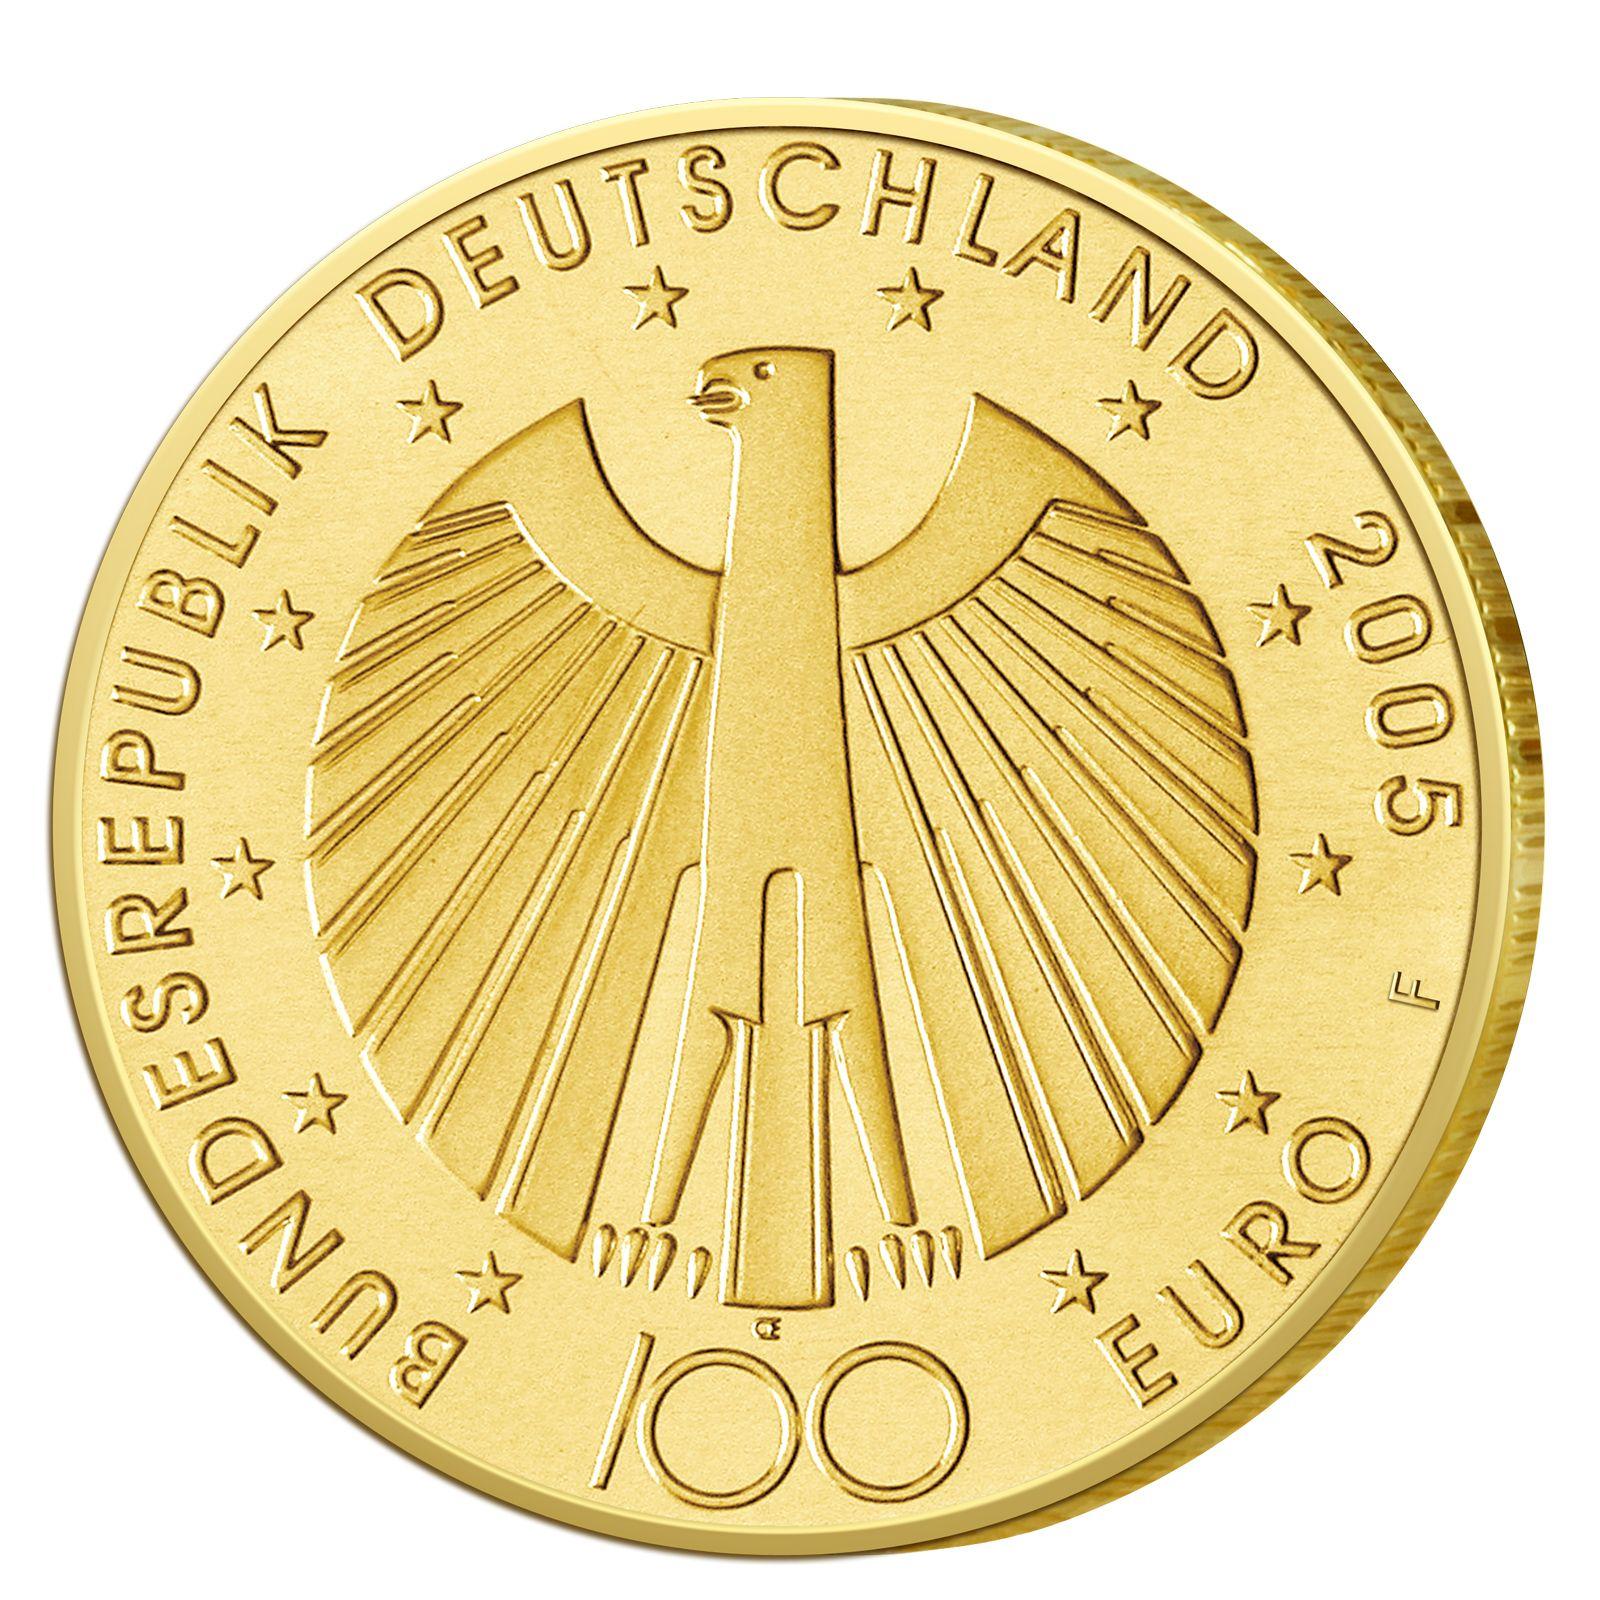 Deutschlands Euro Gold Brd 100 Euro Goldmunzen 2002 Bis